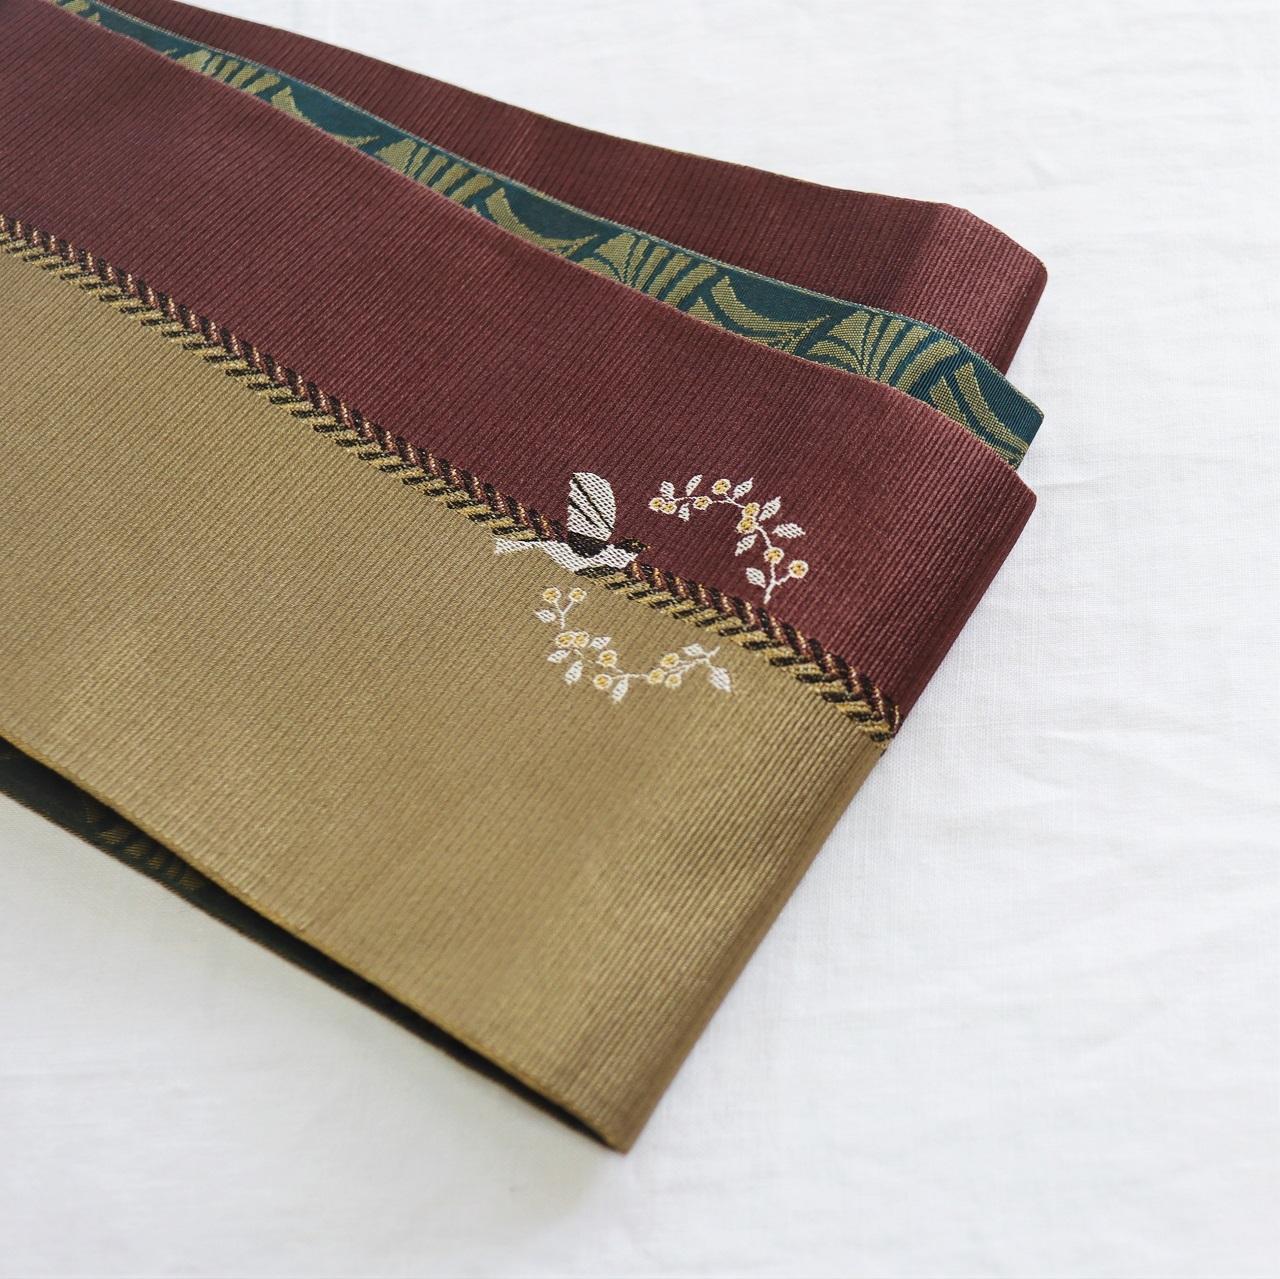 【半巾帯】小鳥 / 茶色 リバーシブル ロングサイズ4.4m